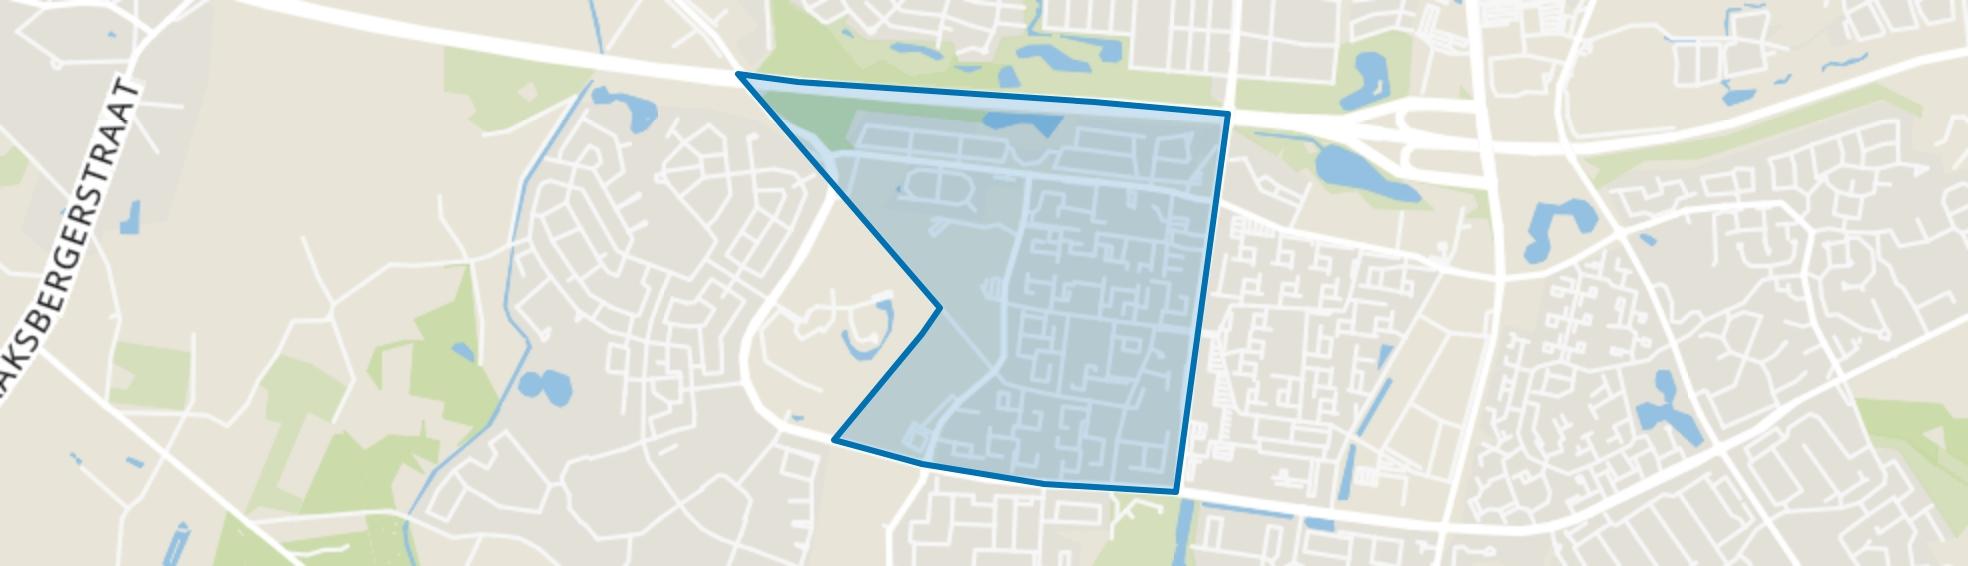 Wesselerbrink Noord-West, Enschede map